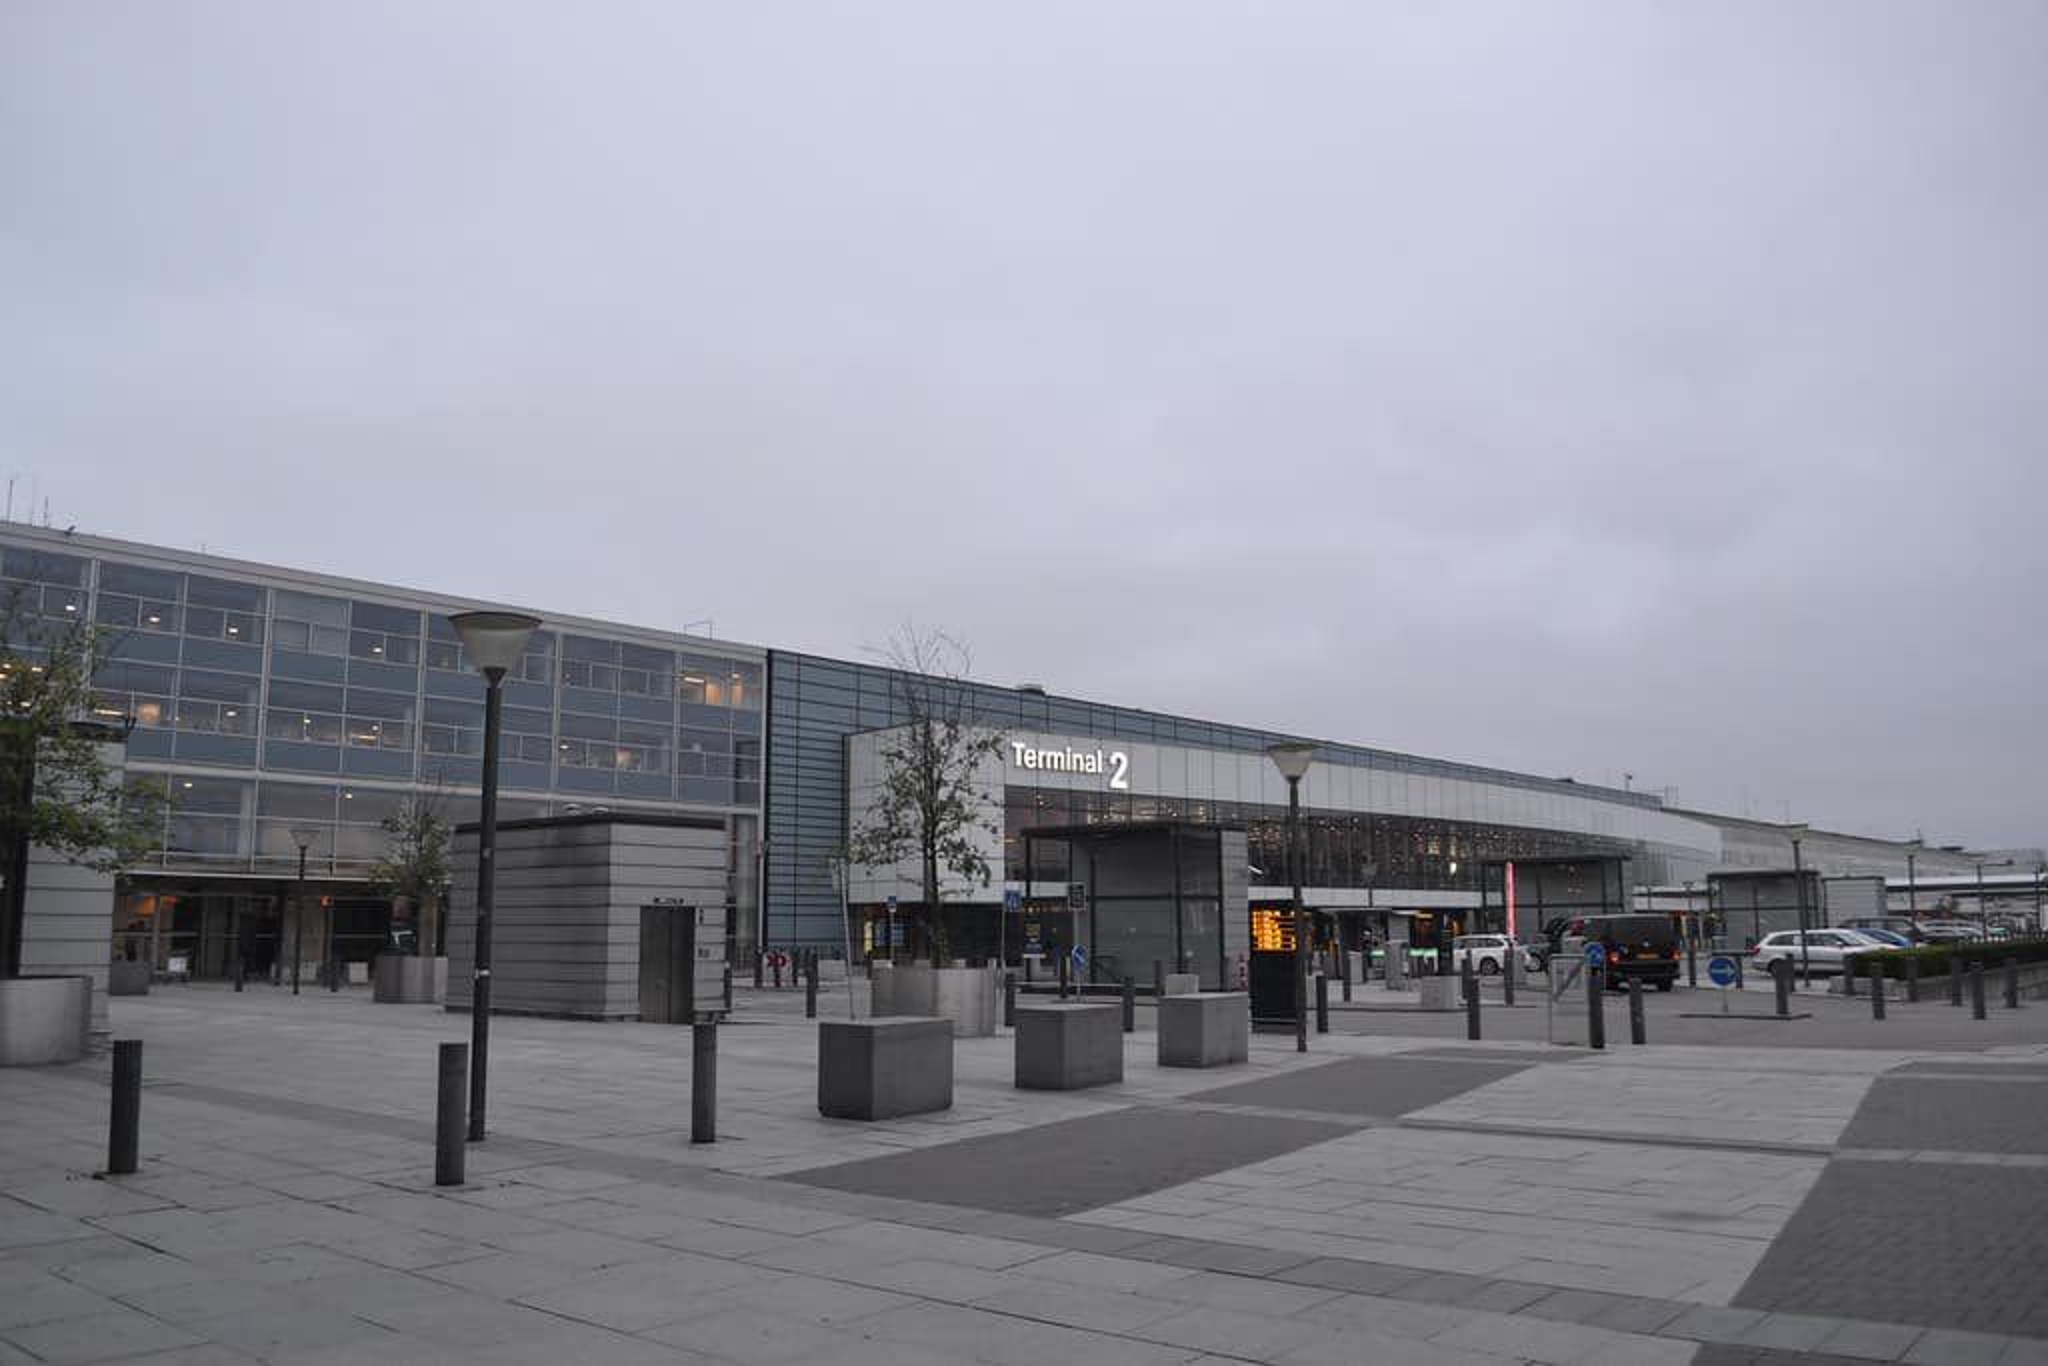 Aéroport de Copenhague